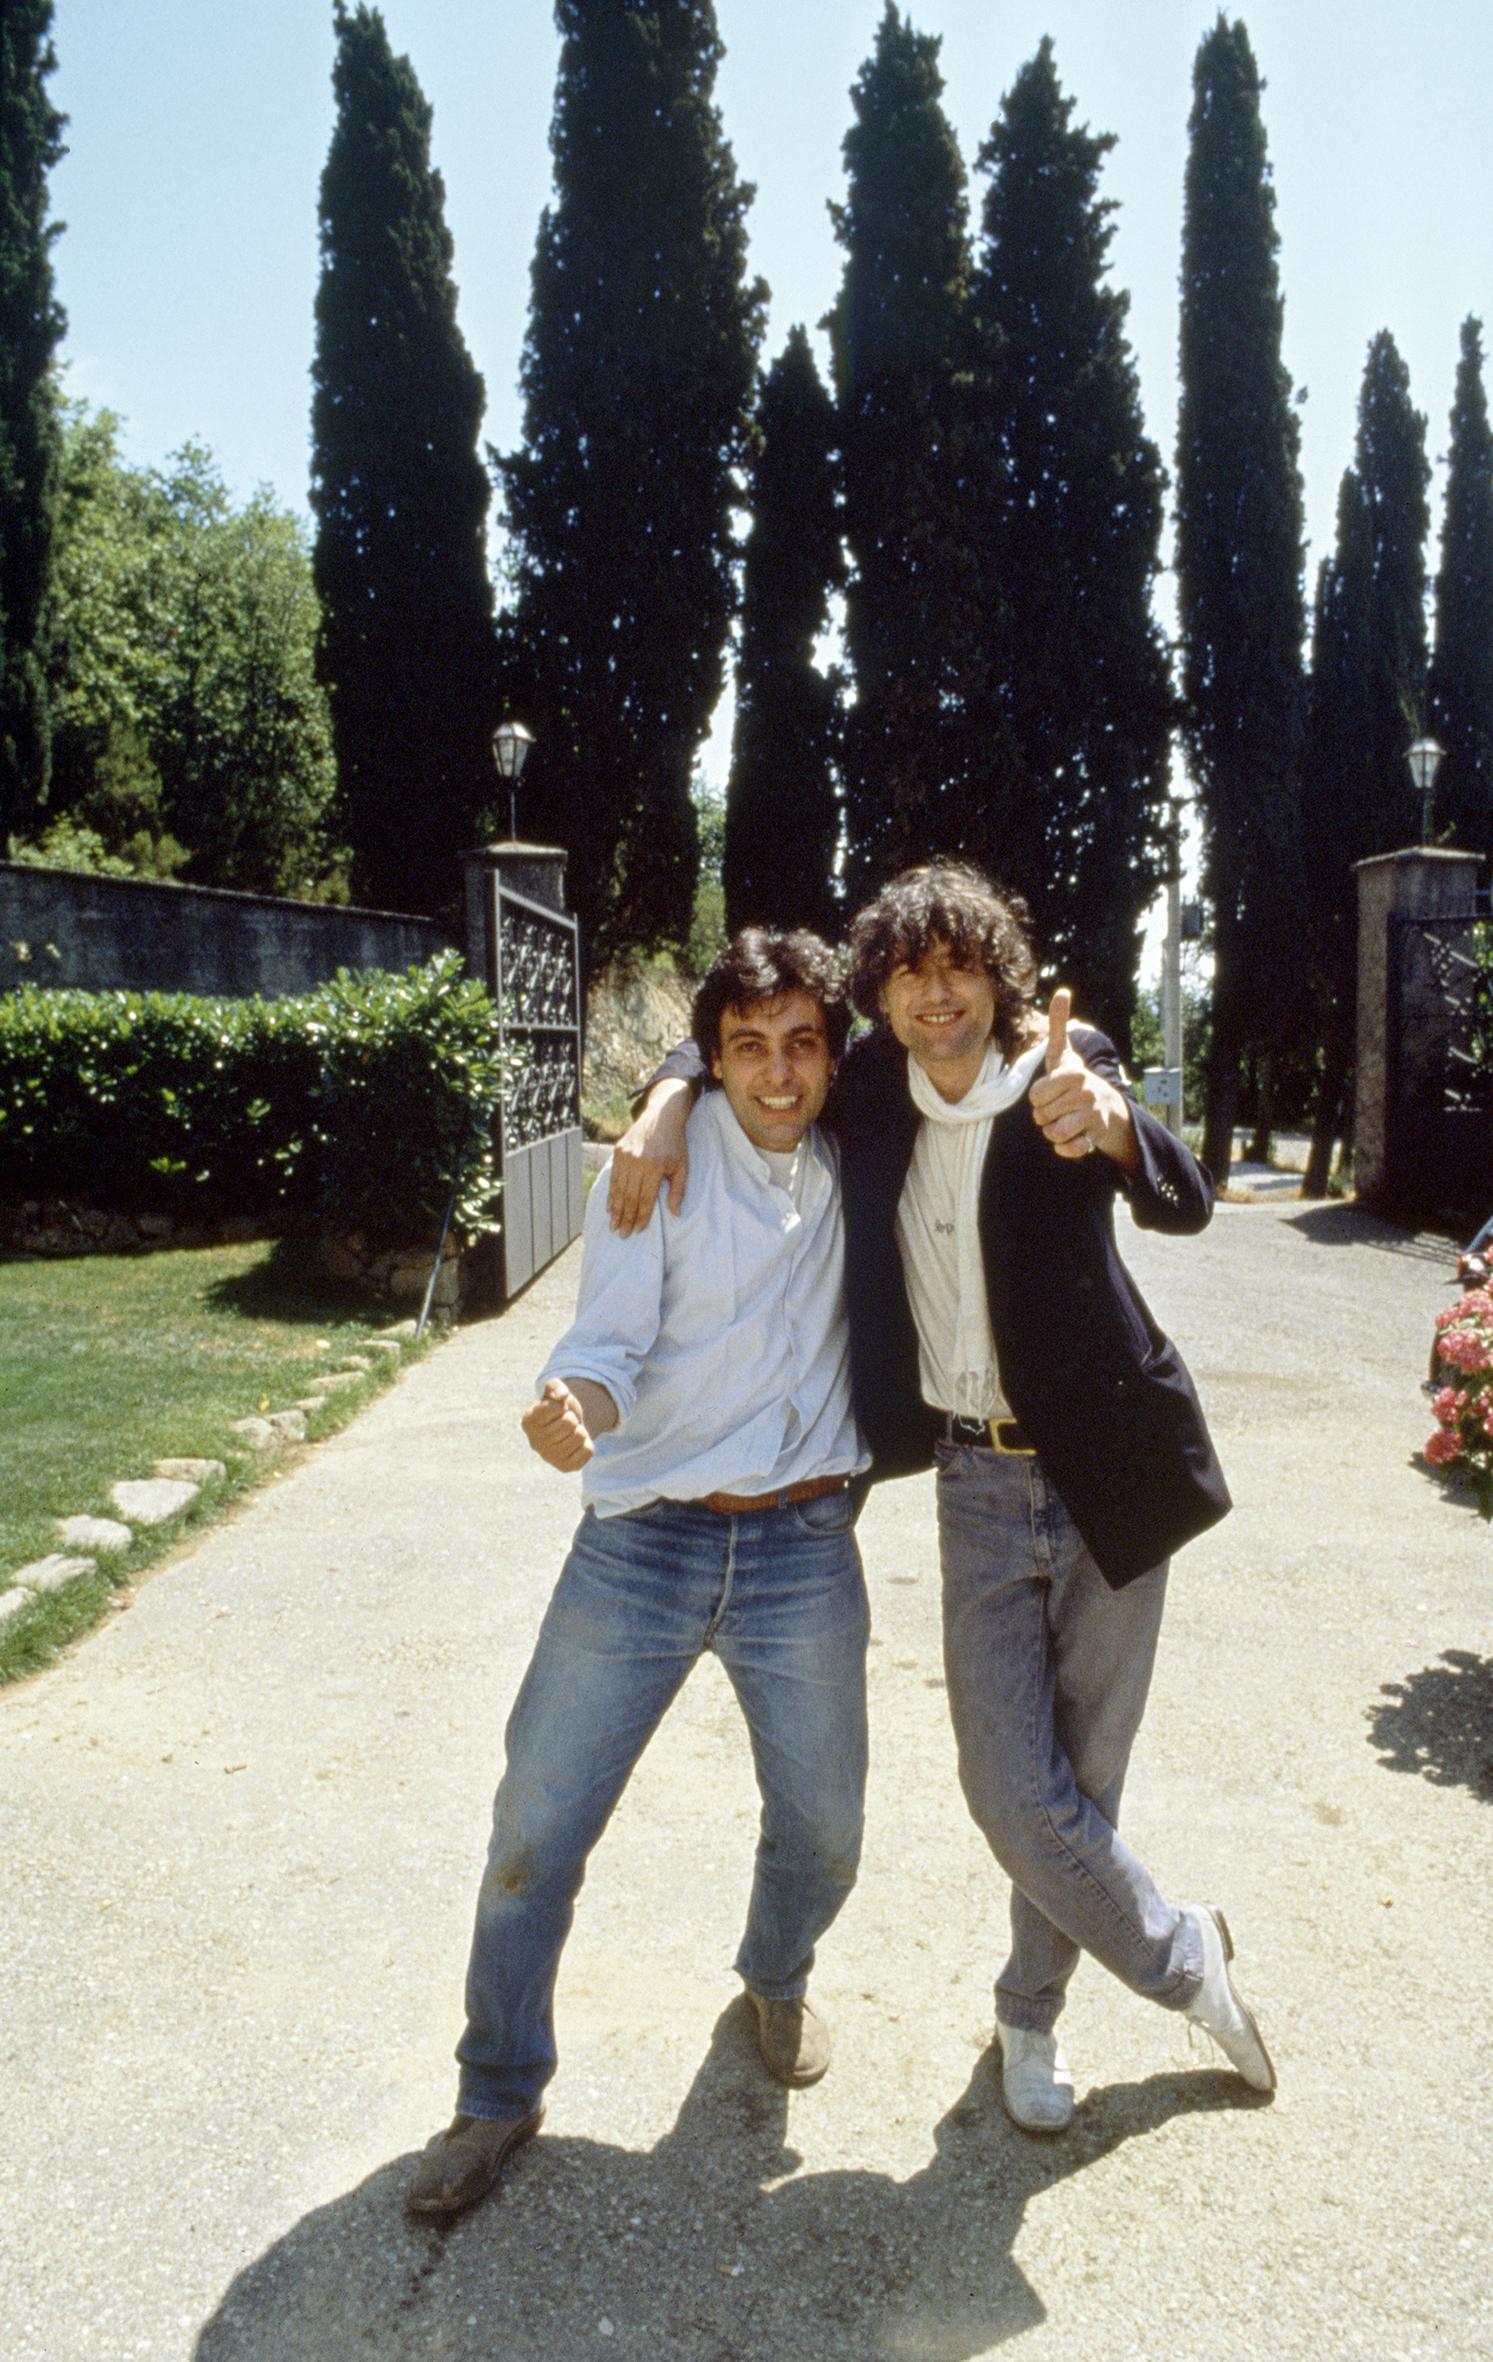 Luciano Viti Rpck in Camera Luciano e Jimmy Page a Pistoia blues